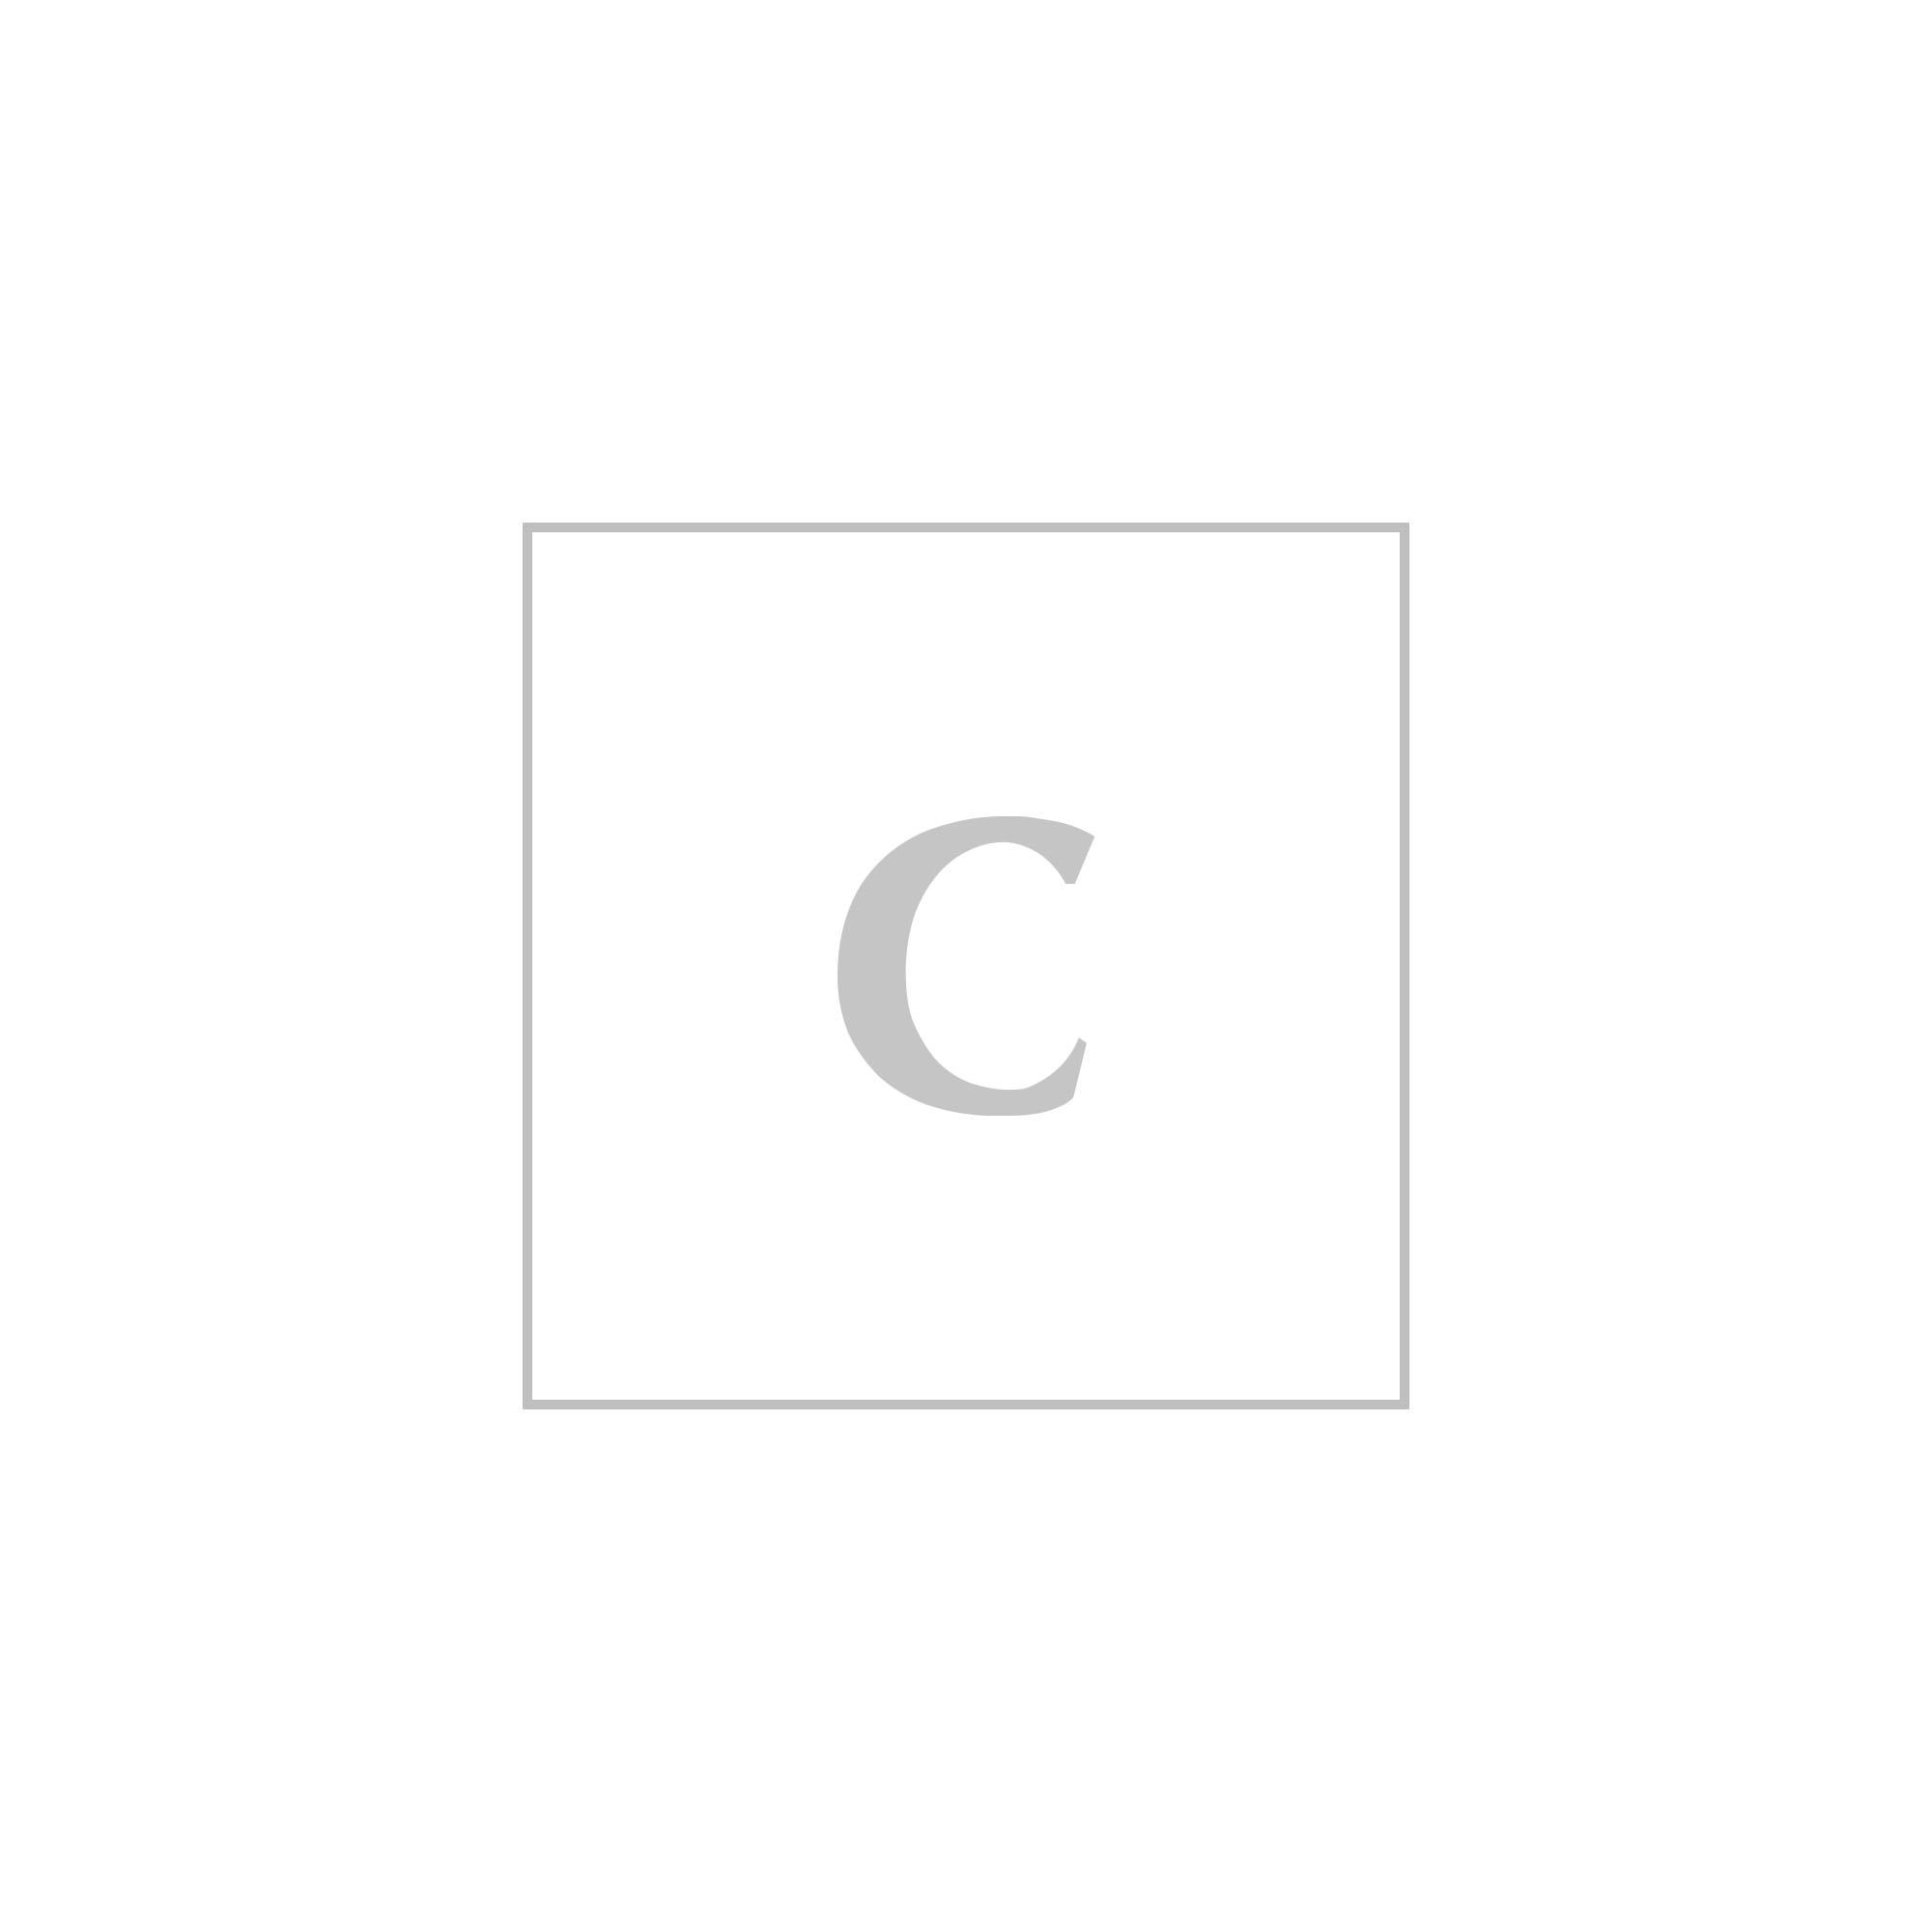 Dolce & gabbana spilla croce